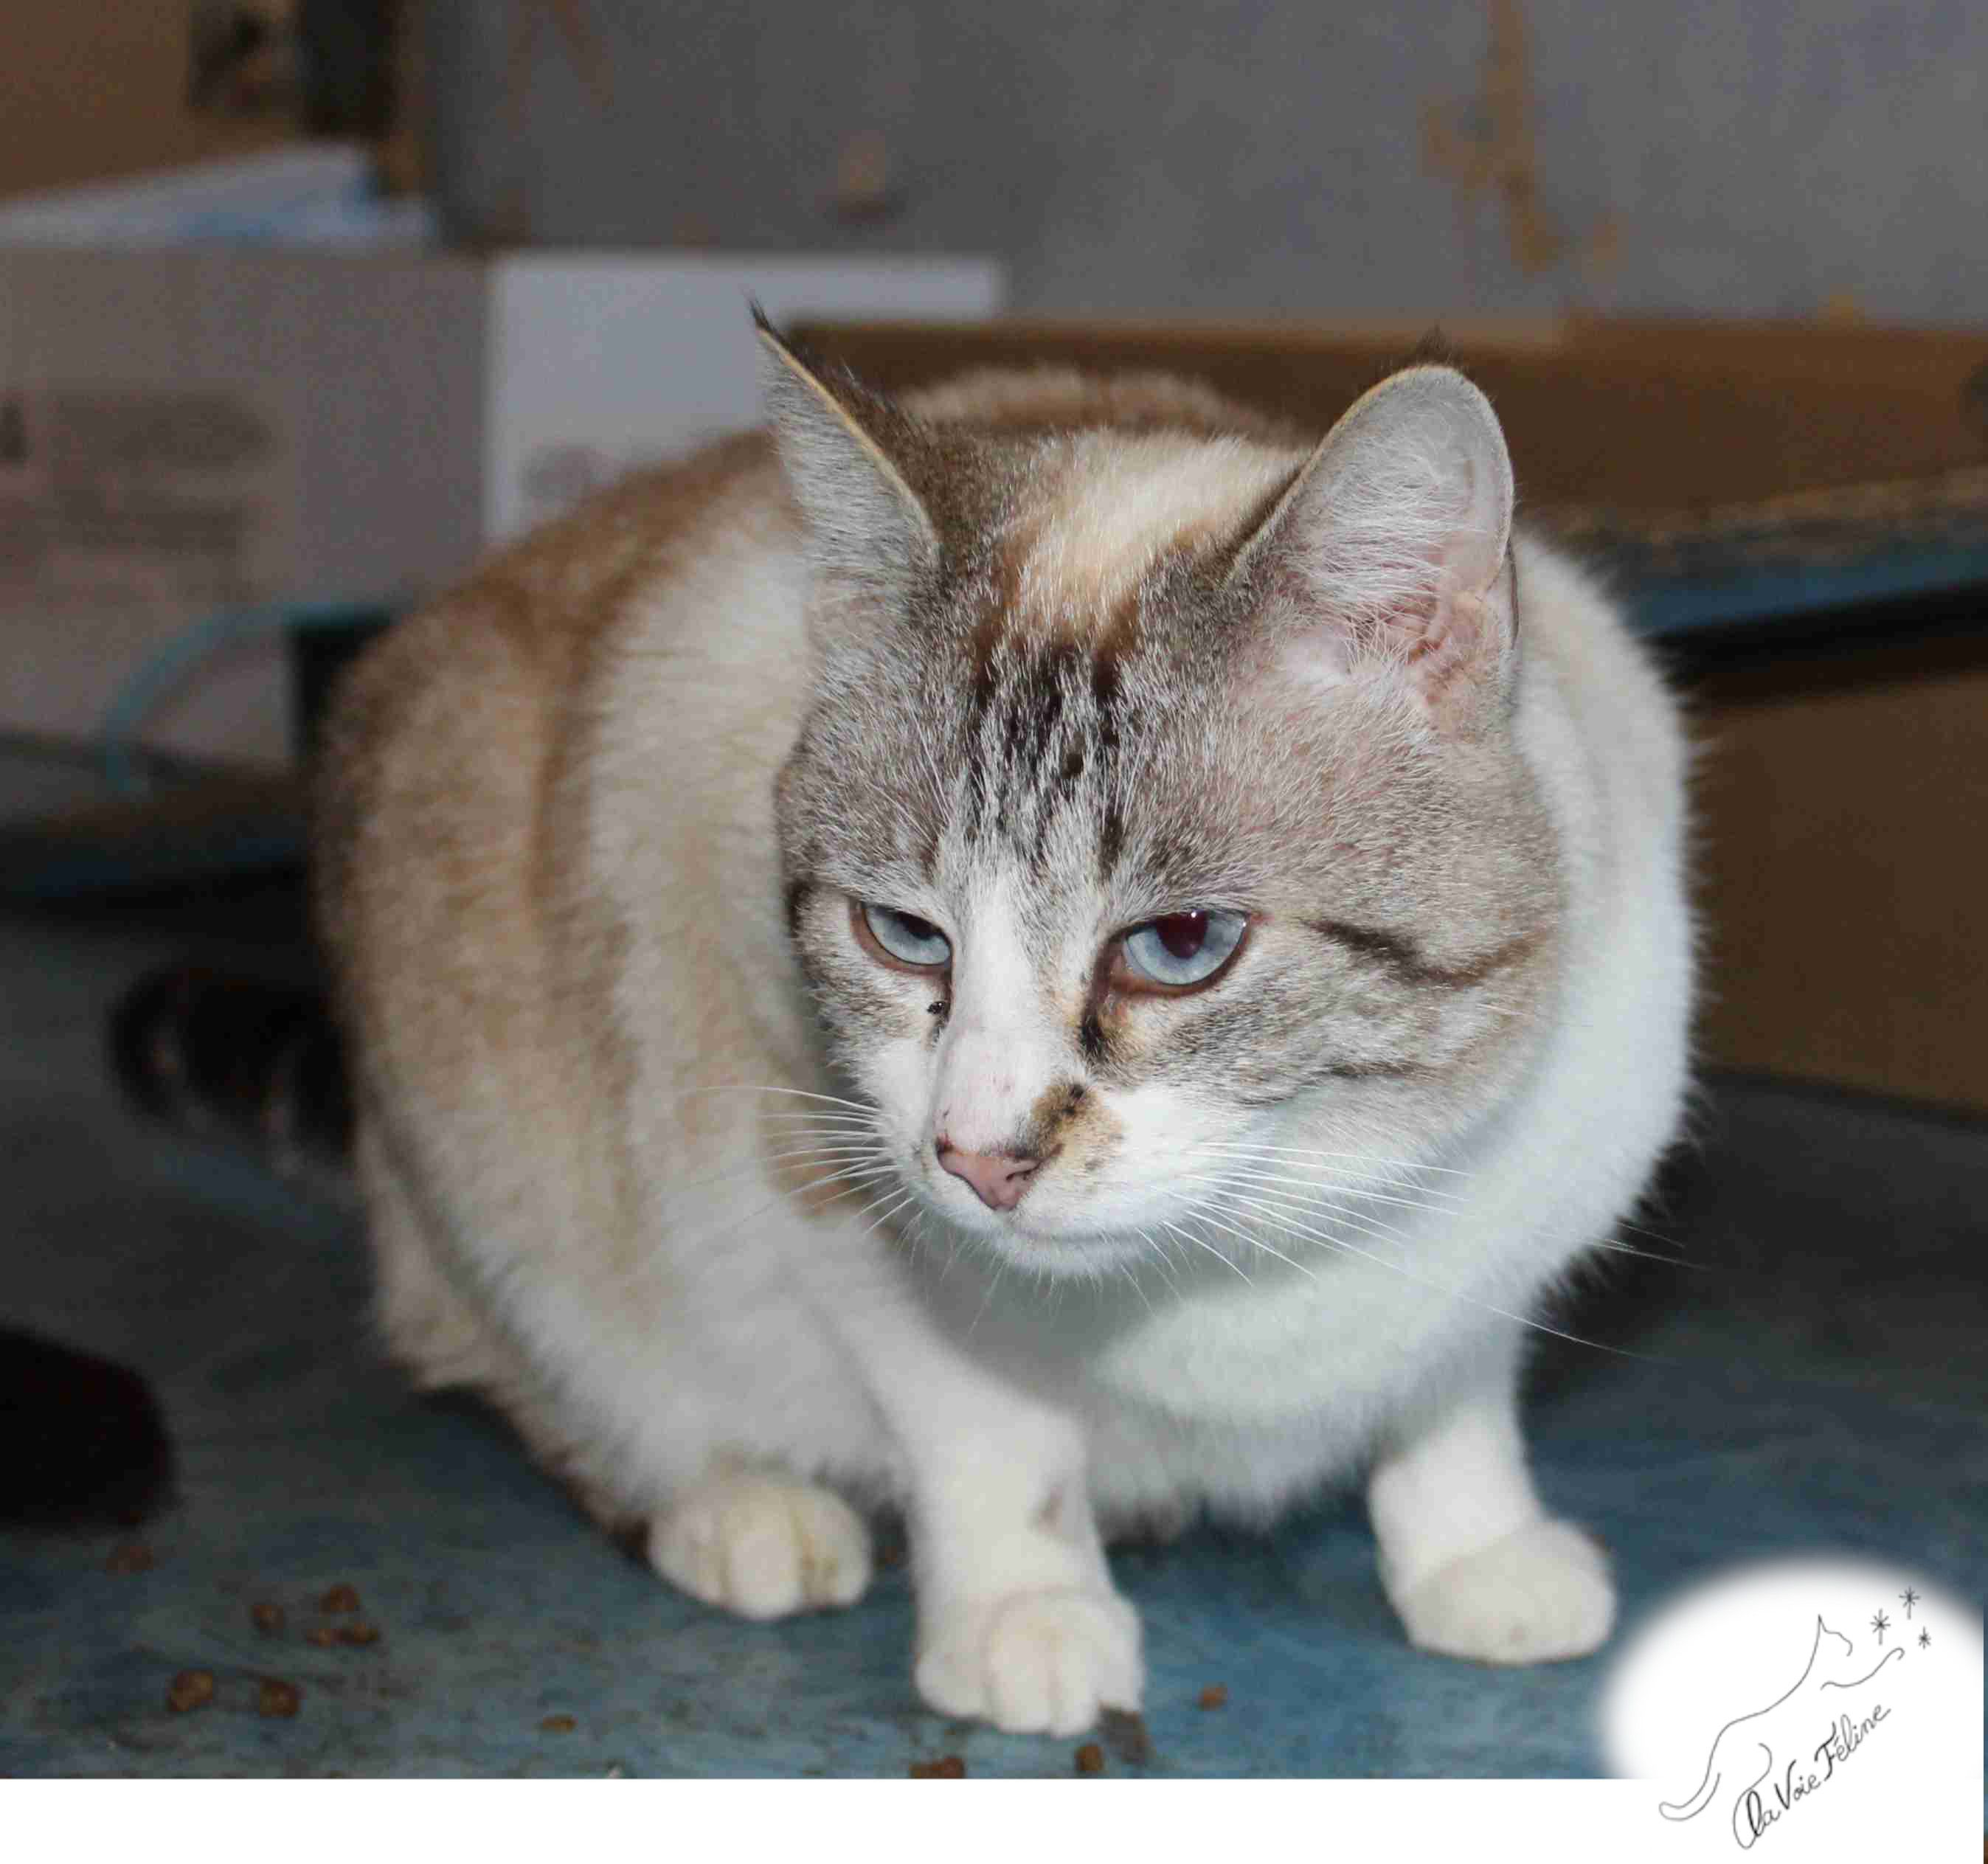 Brandy - Adopter un chat – Ile de France